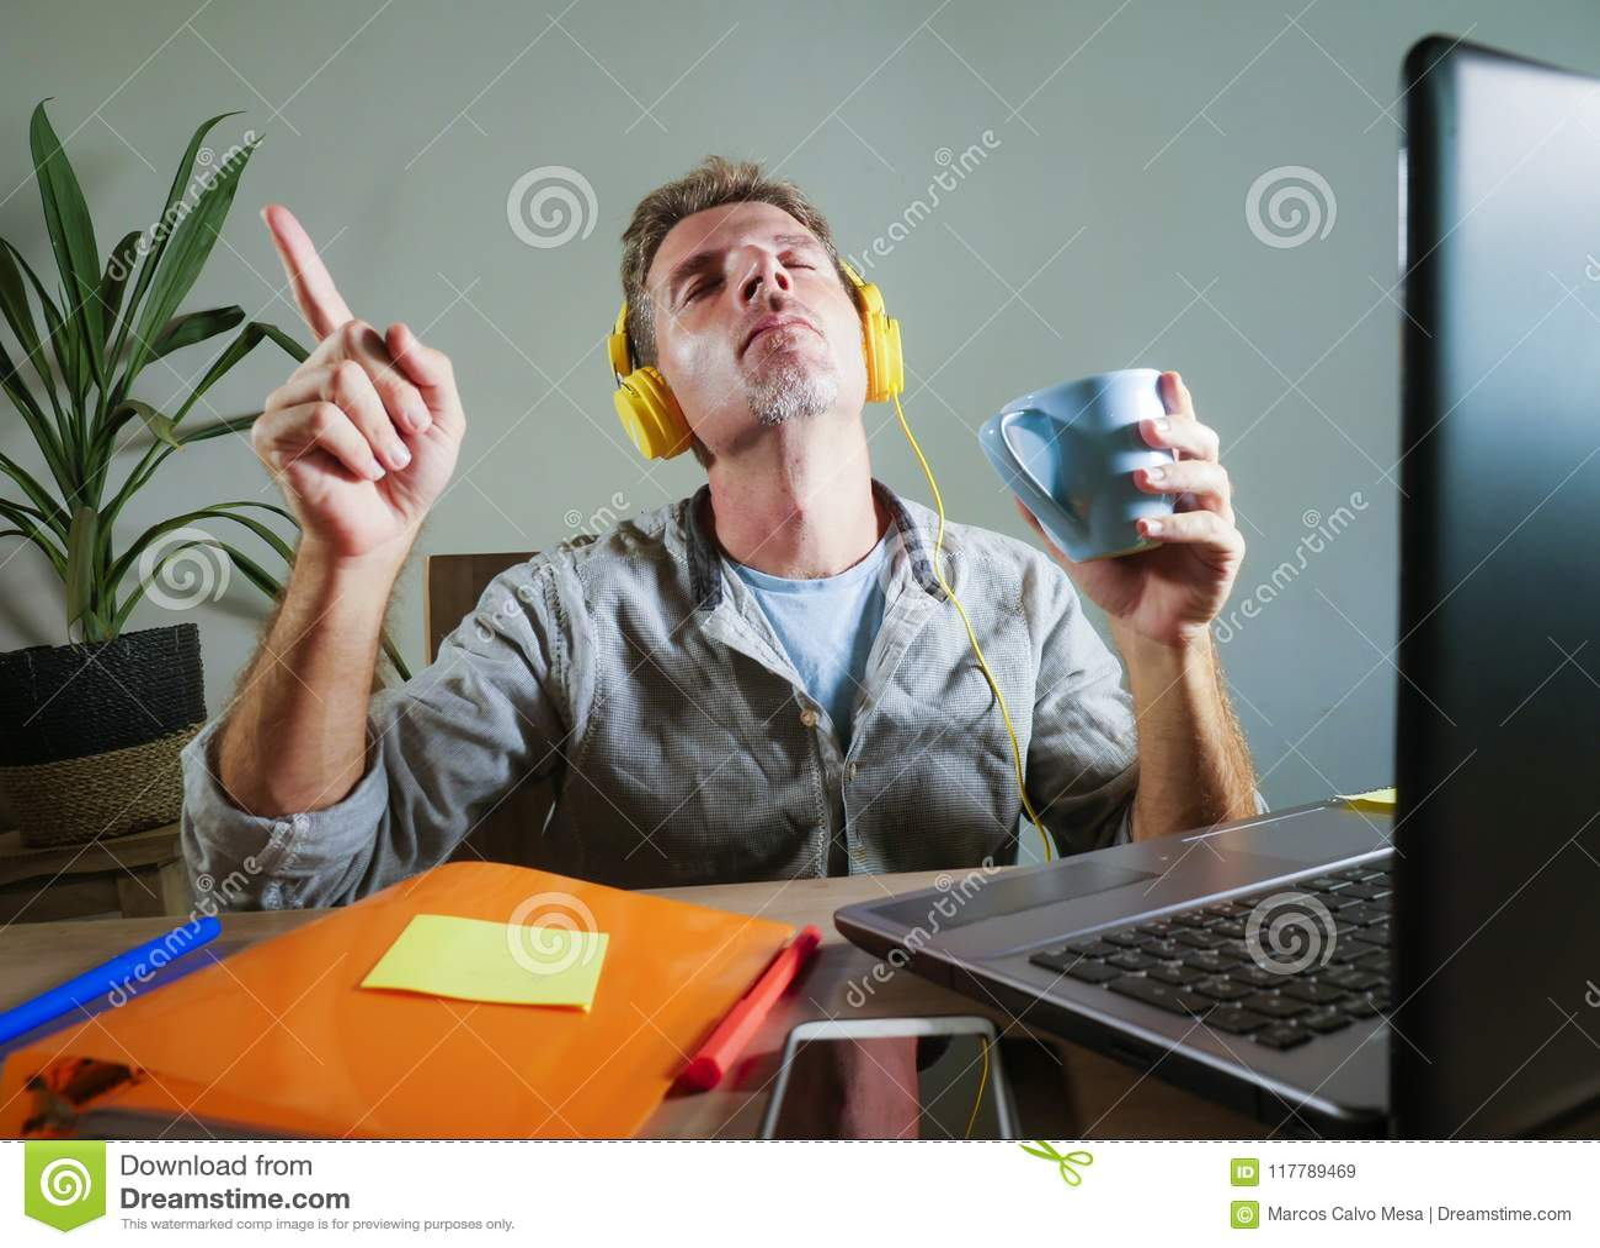 Молодой привлекательный и счастливый человек при желтые наушники сидя дома стол офиса работая при портативный компьютер имея list